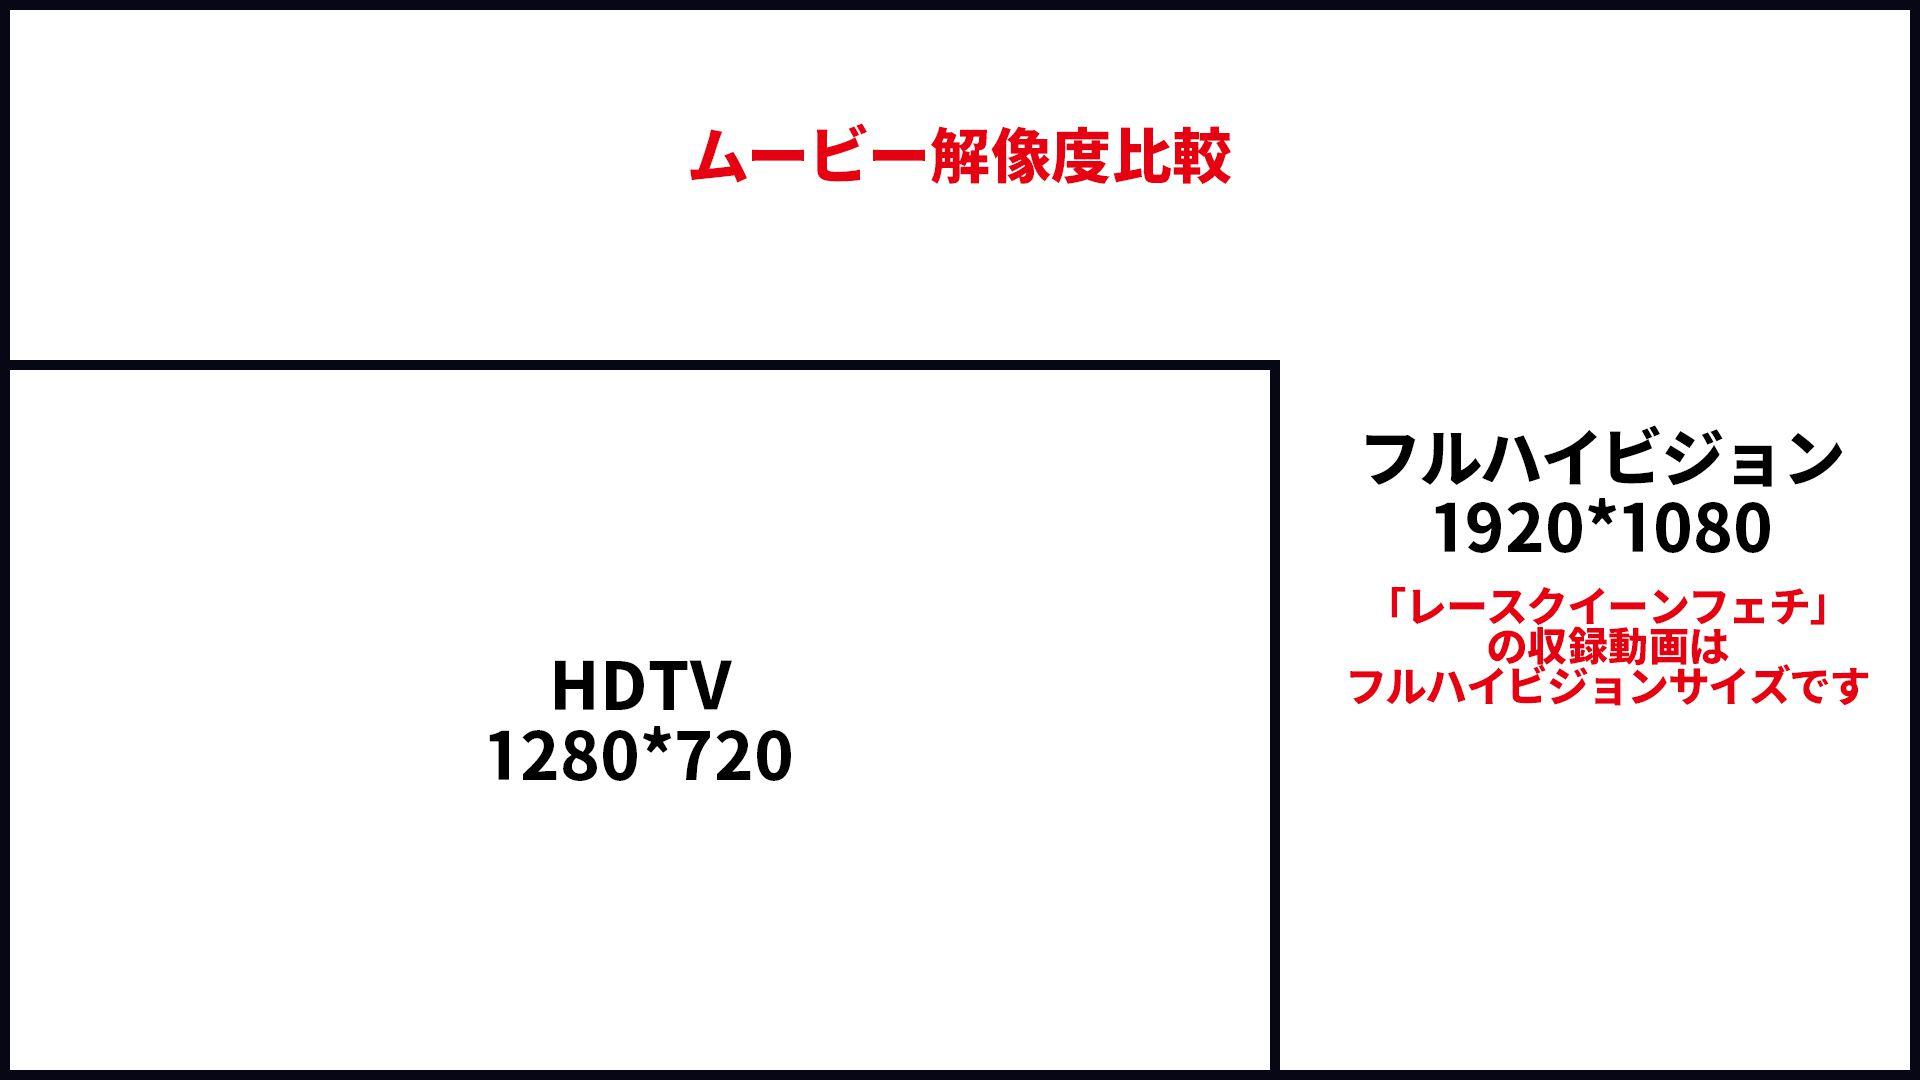 【HD】レースクイーンフェチ#012 ムービー版【3】 サンプル画像10